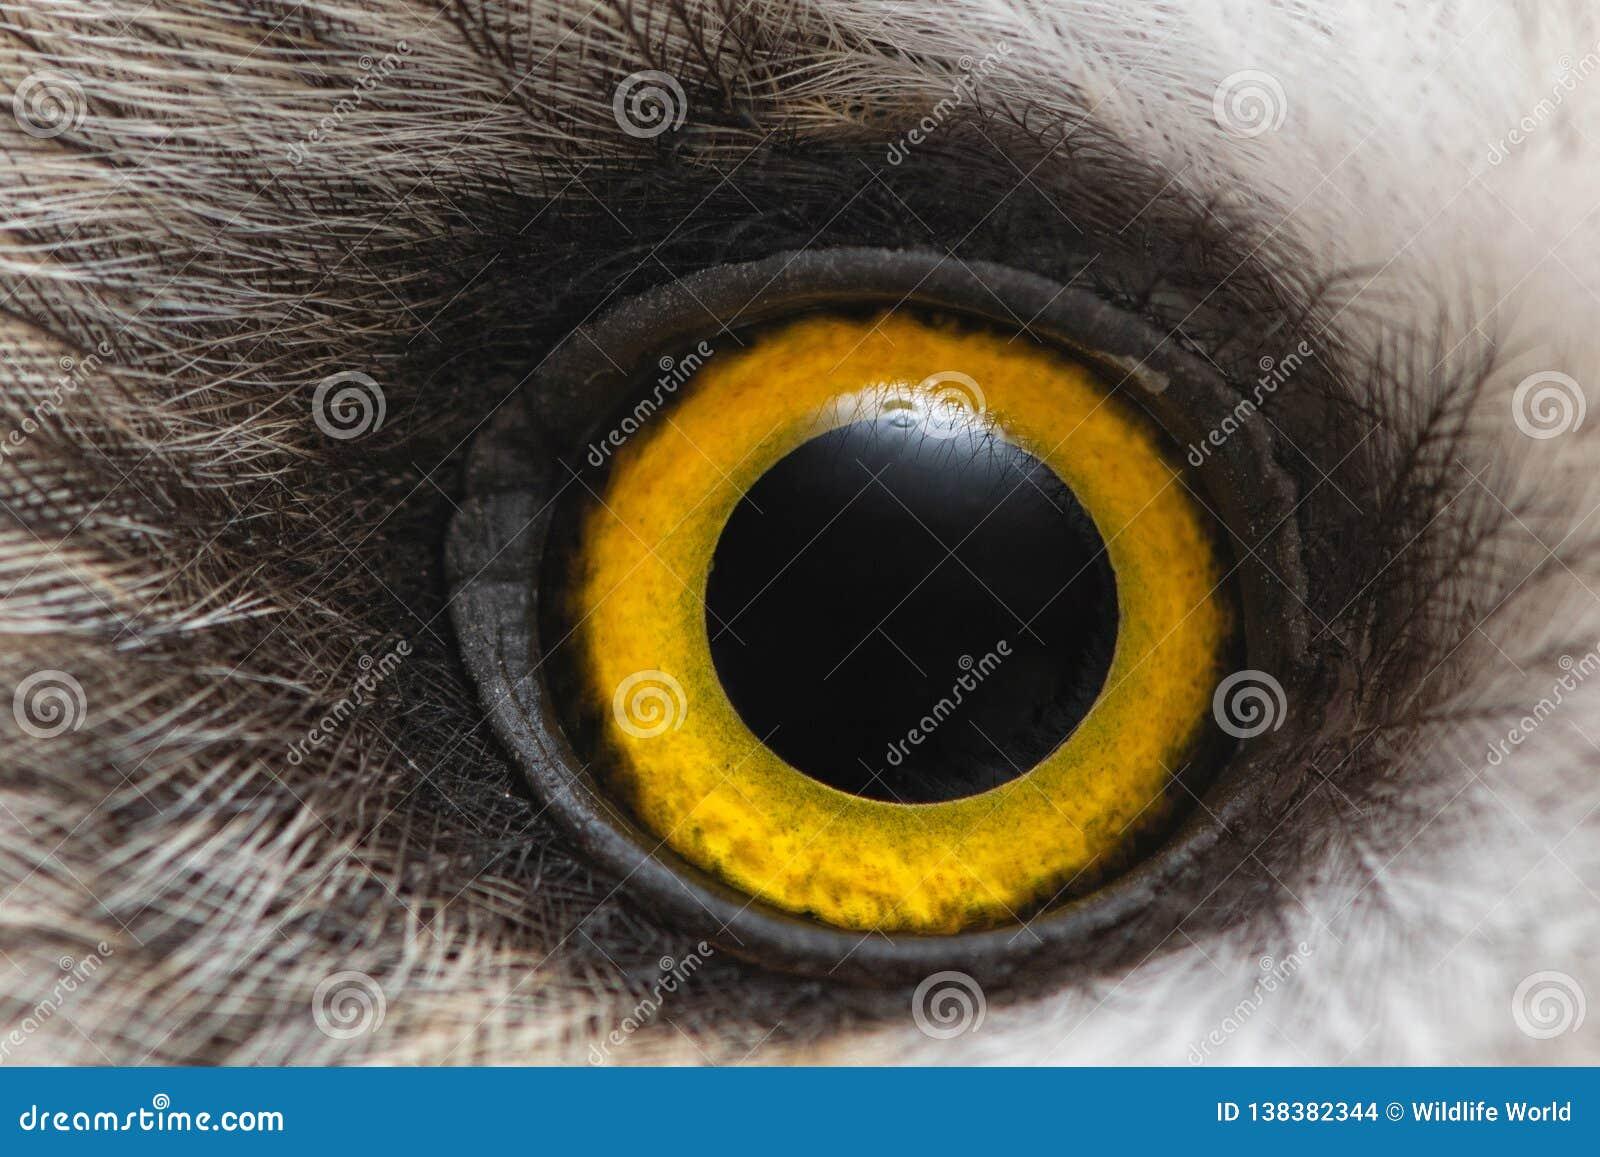 Primer del ojo del búho, foto macra, ojo del búho de orejas cortas, flammeus del Asio